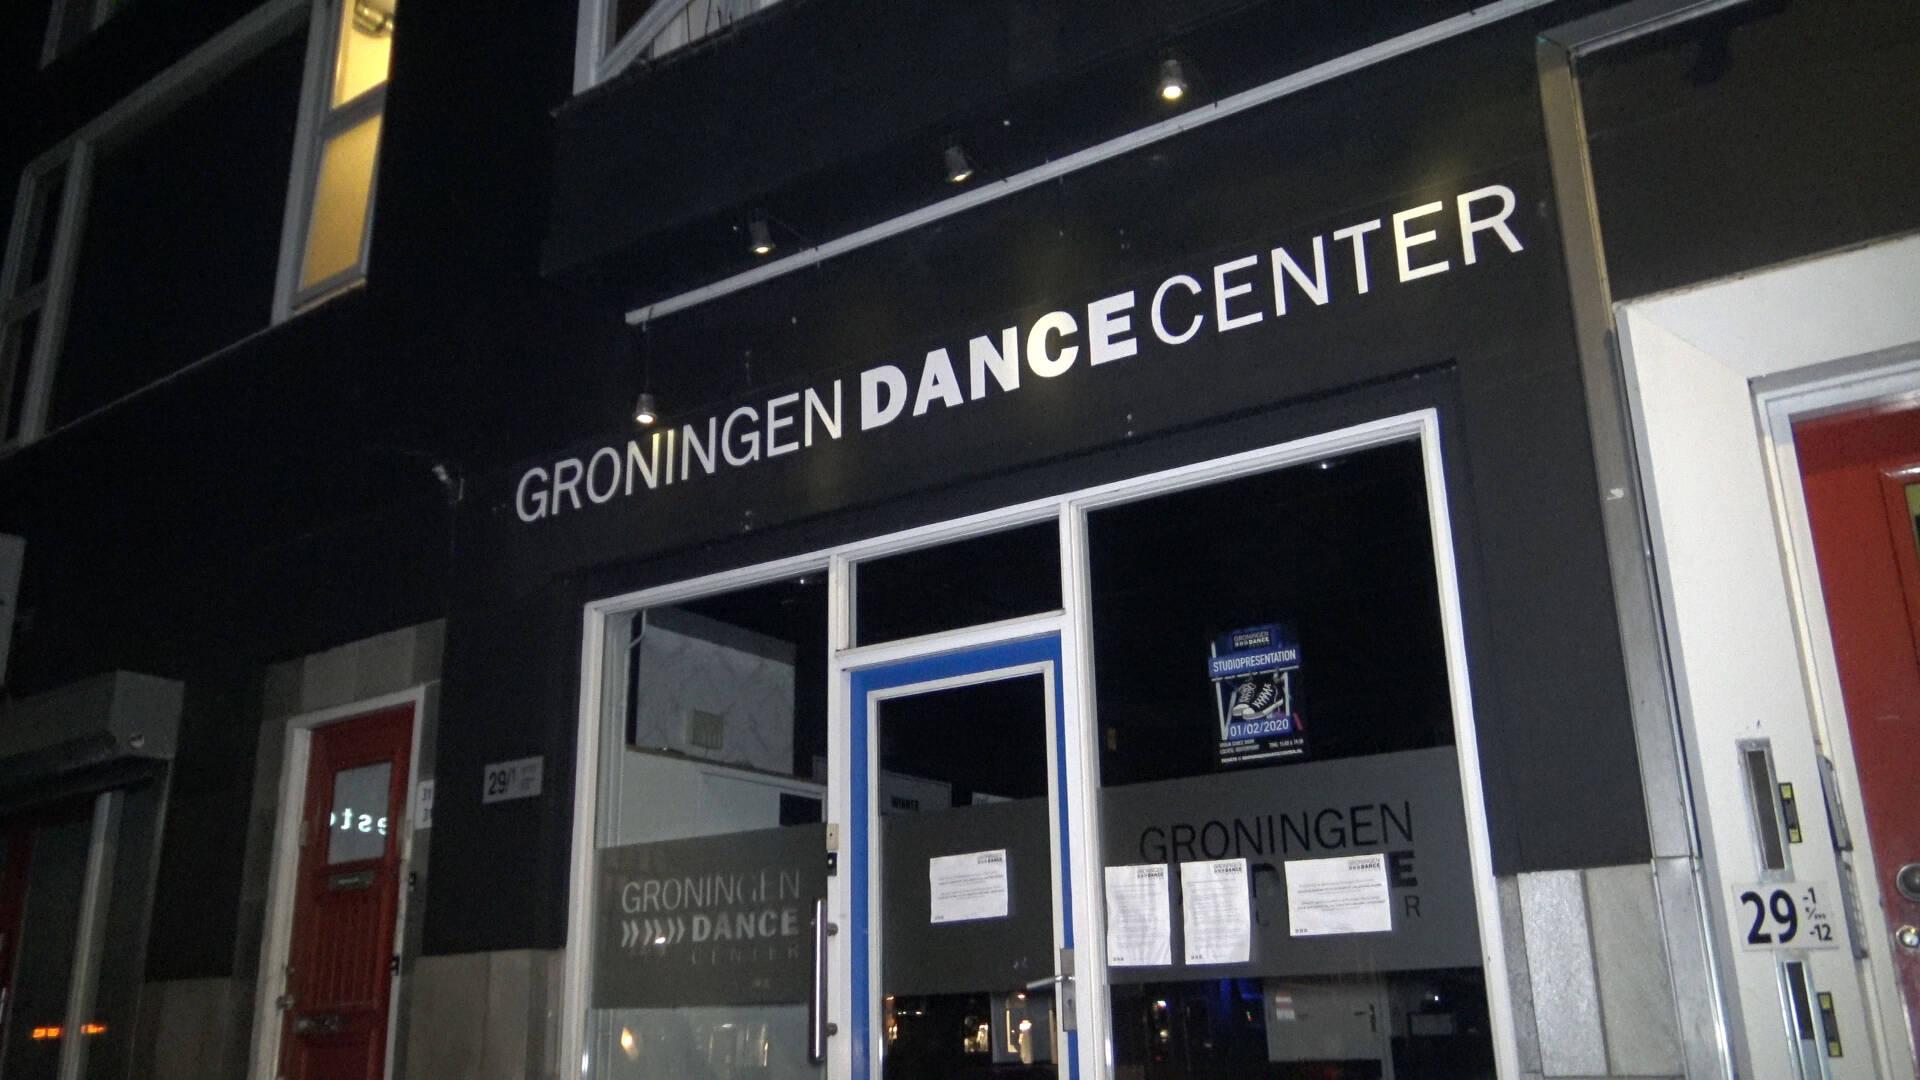 صاحب مدرسة للرقص في Groningen مشتبه بأنه يسيئ معاملة القاصرات